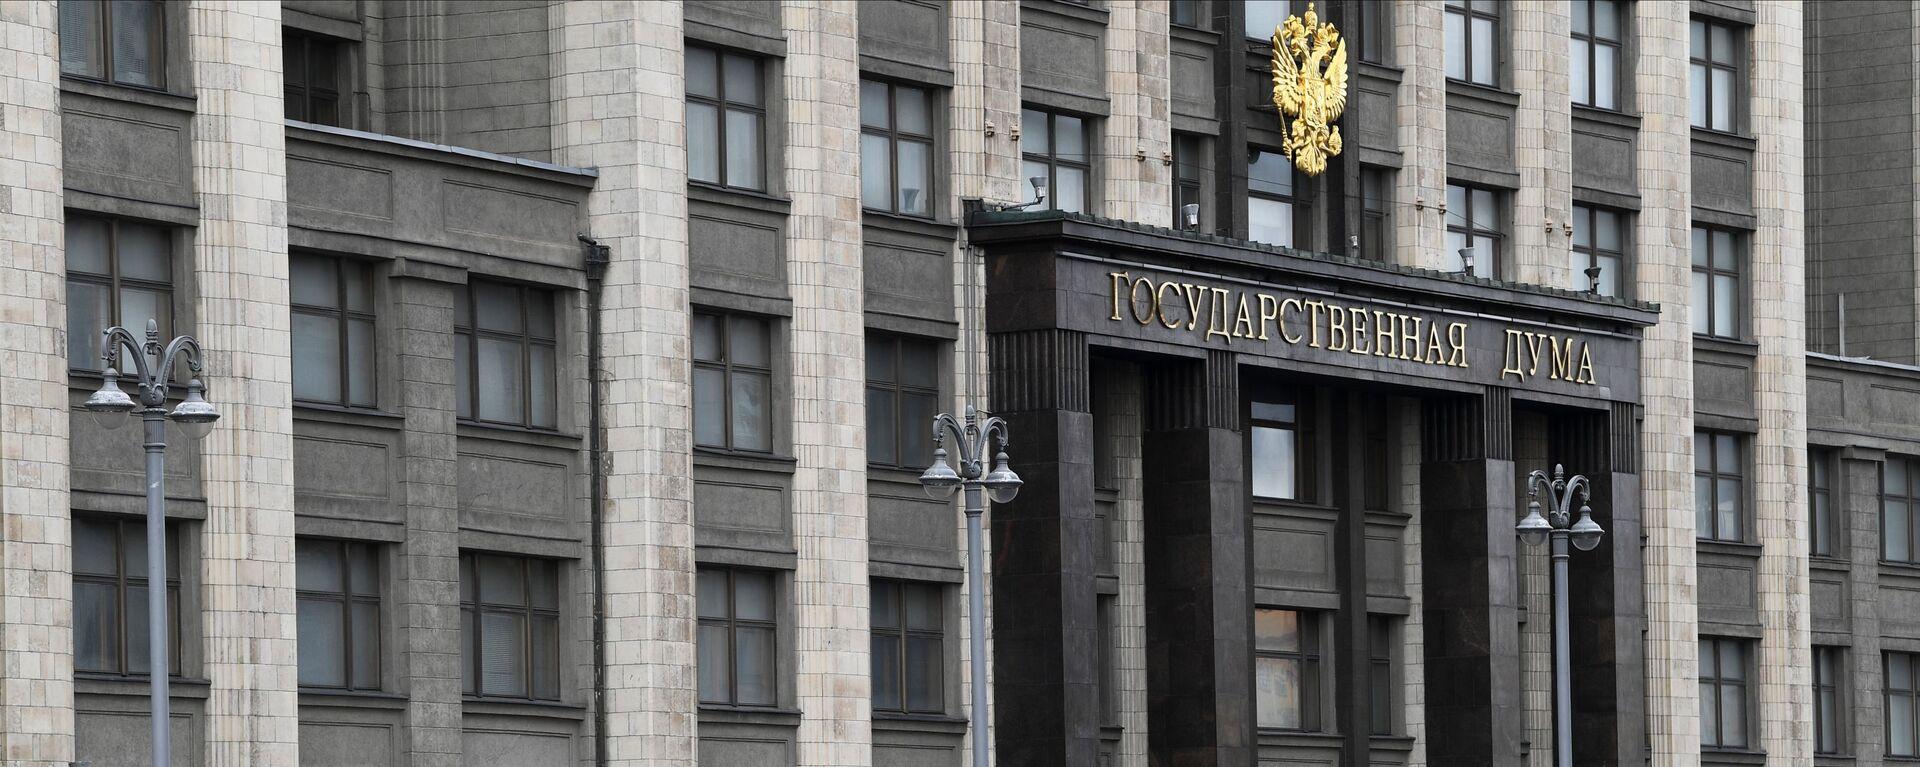 Зграда Државне думе Русије - Sputnik Србија, 1920